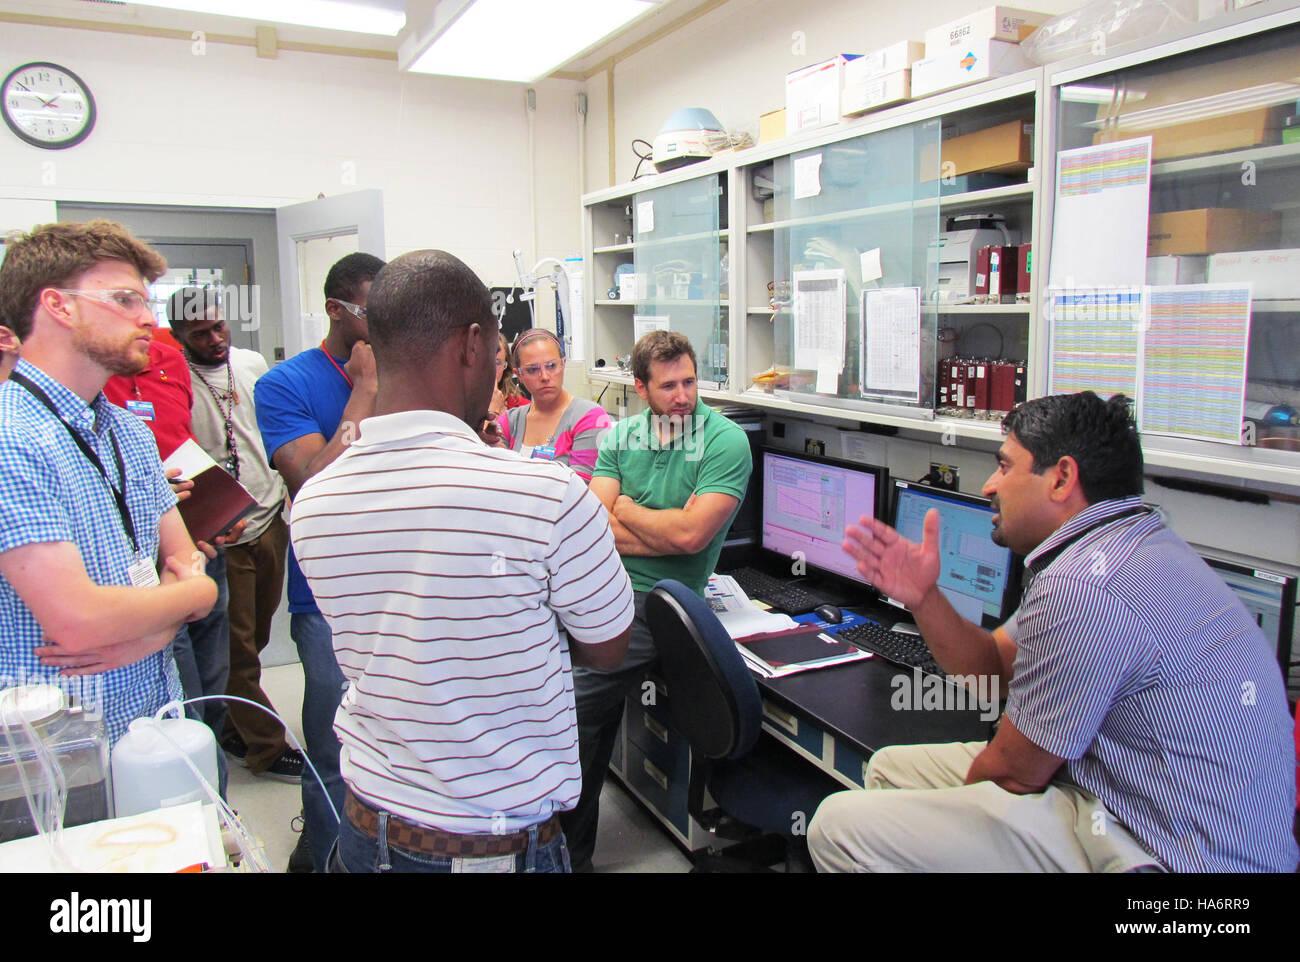 Losalamosnatlab 21418110124 scientifiques enseigner petit cours sur les piles à combustible Photo Stock